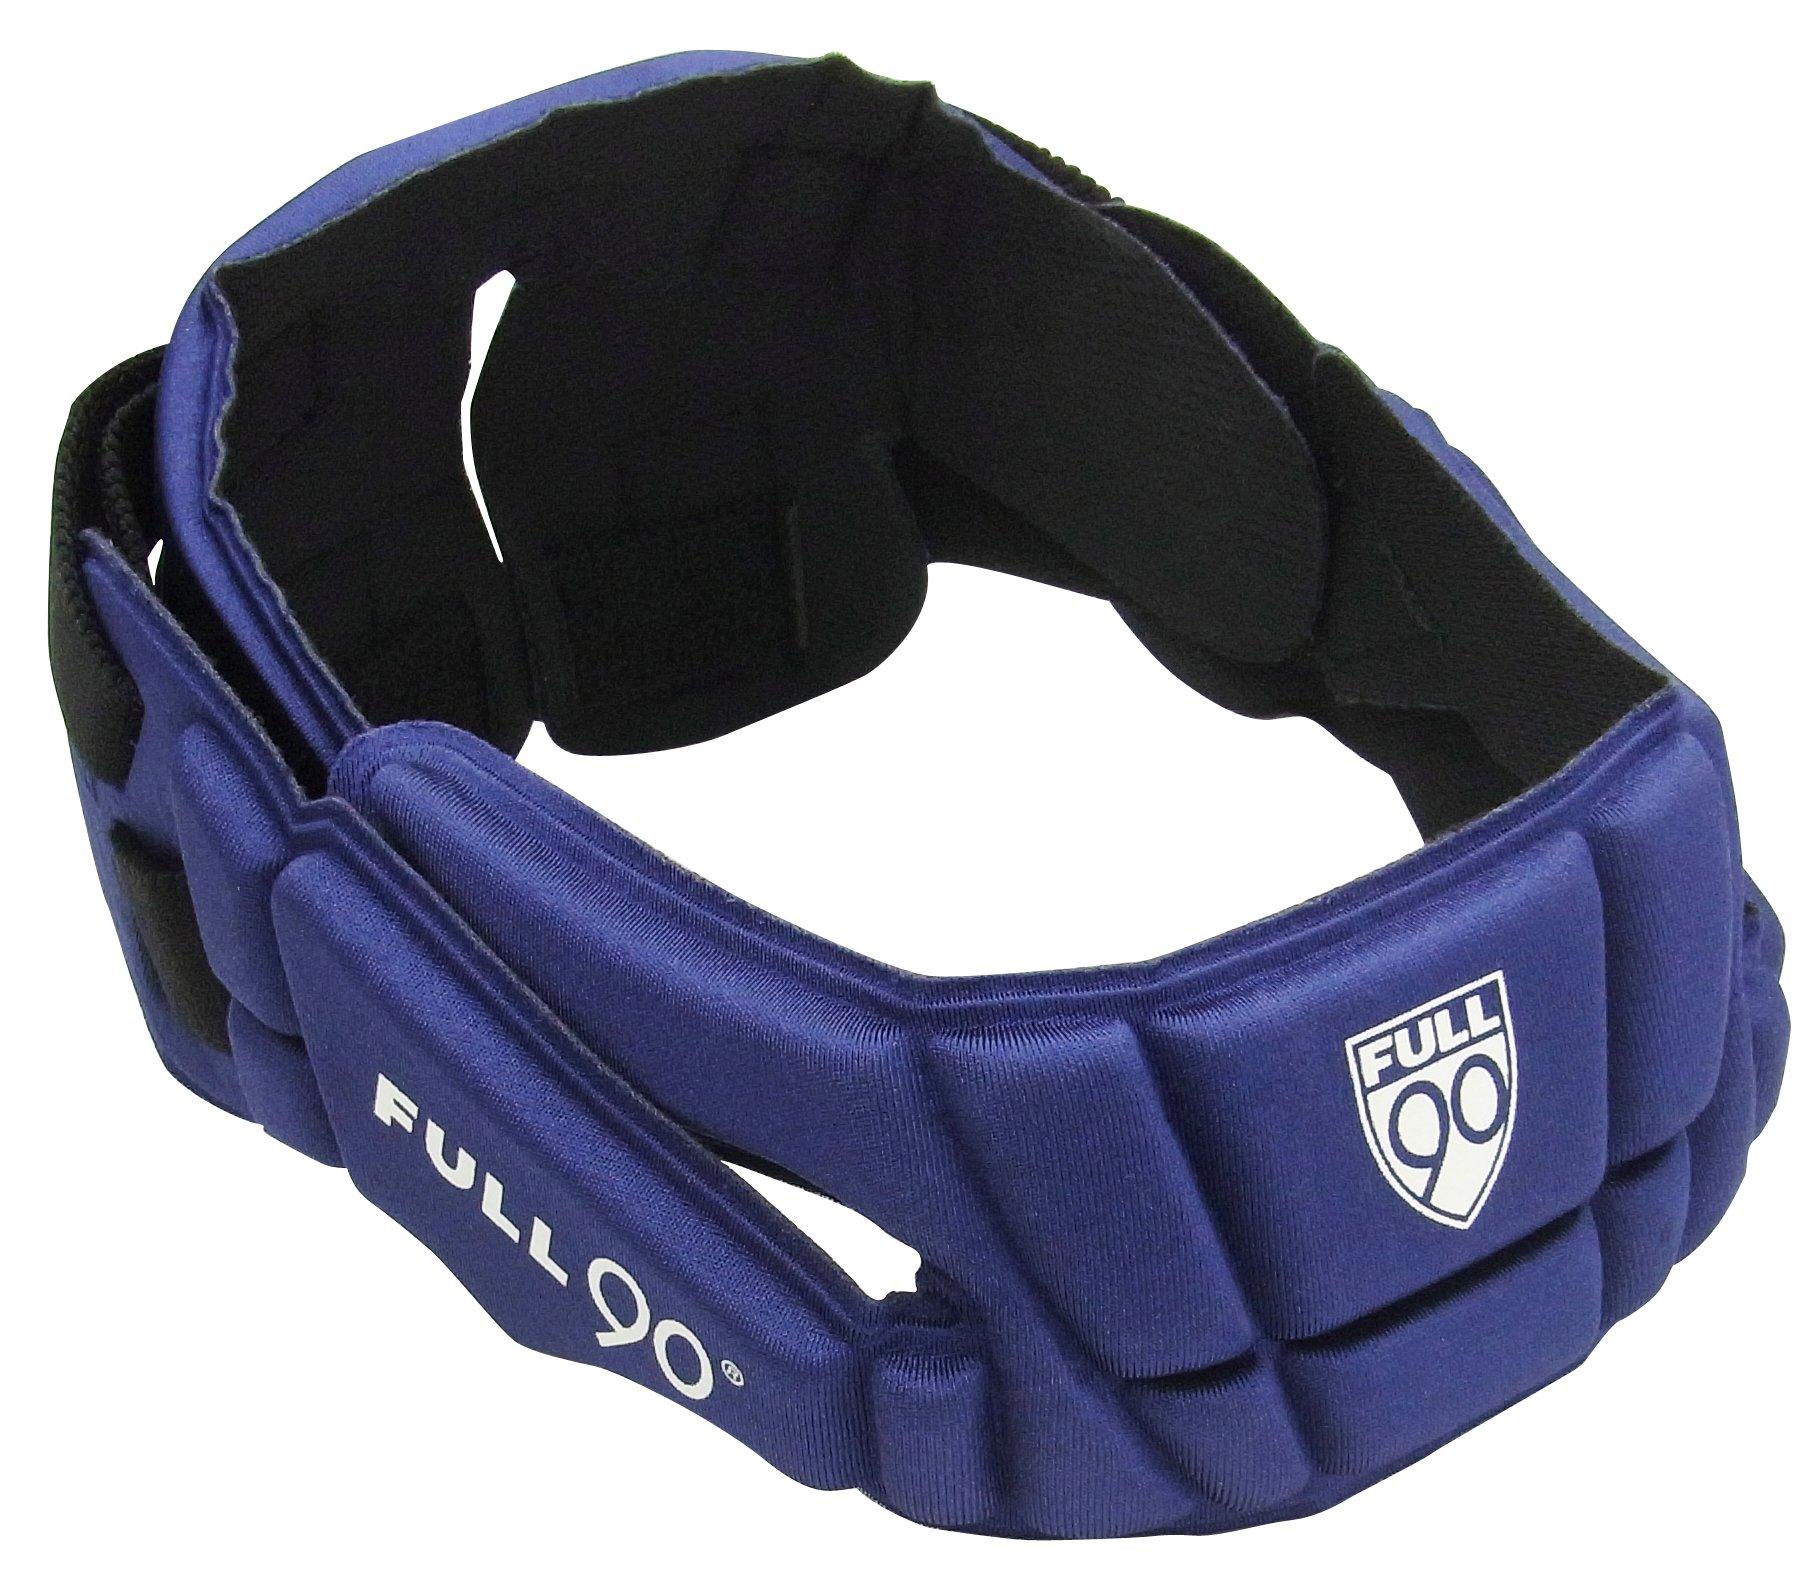 Full 90 Sports Premier Performance Soccer Headgear, Navy, Small/Medium